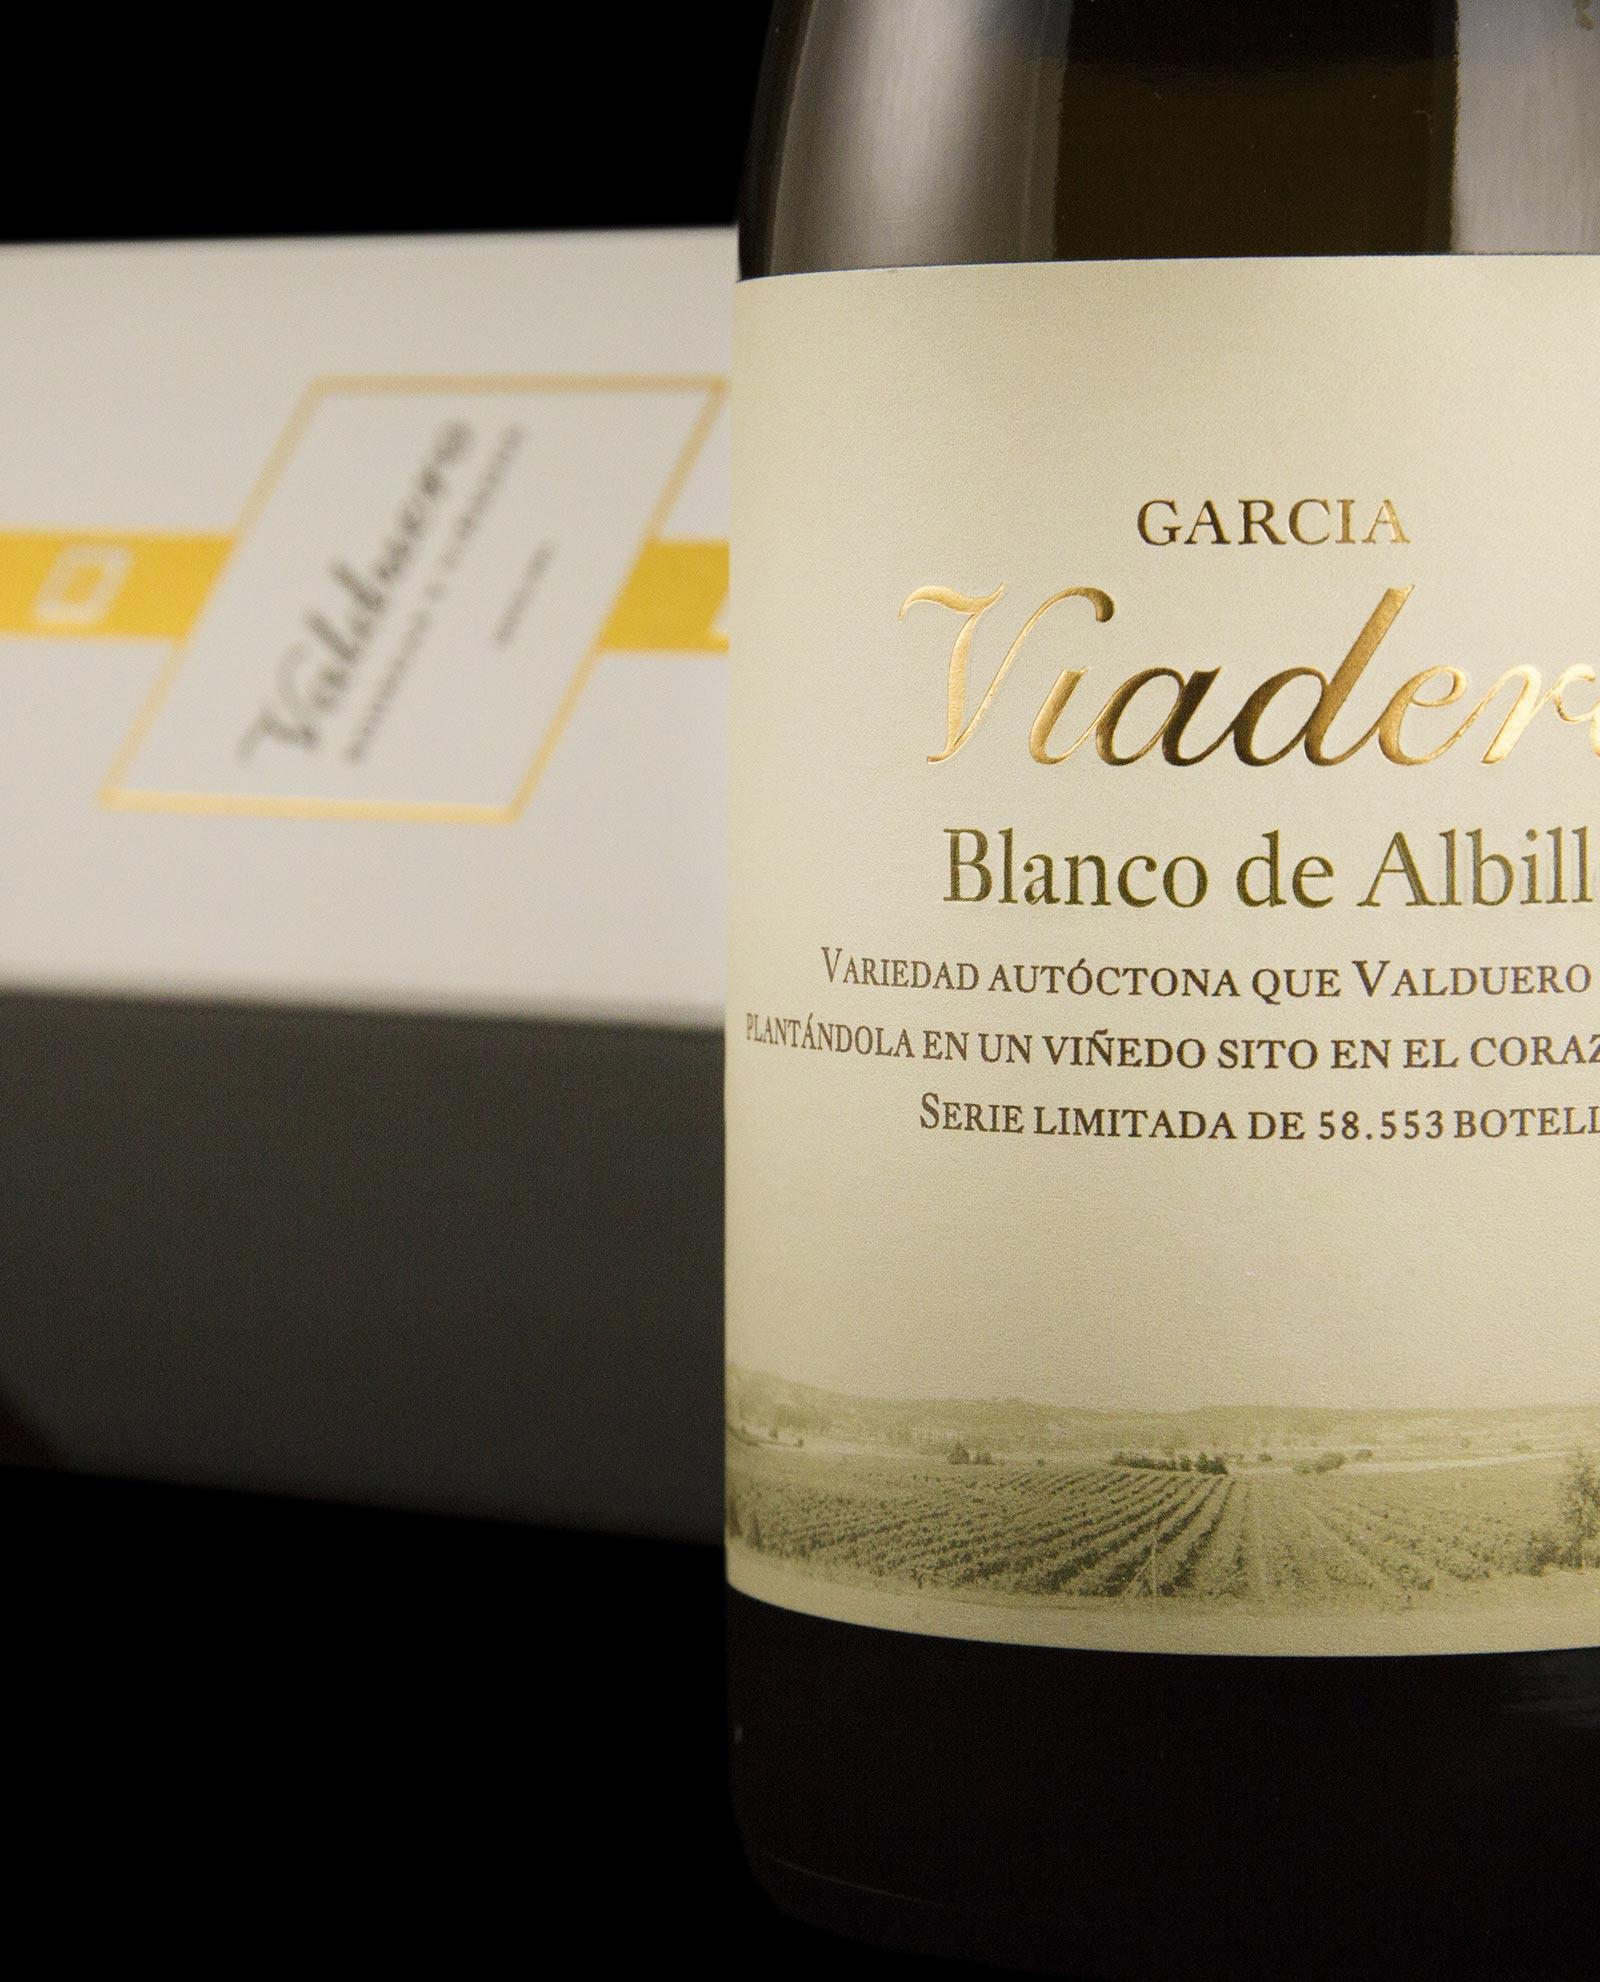 Detalle de la botella VIno blanco de albillo de Bodegas Valduero